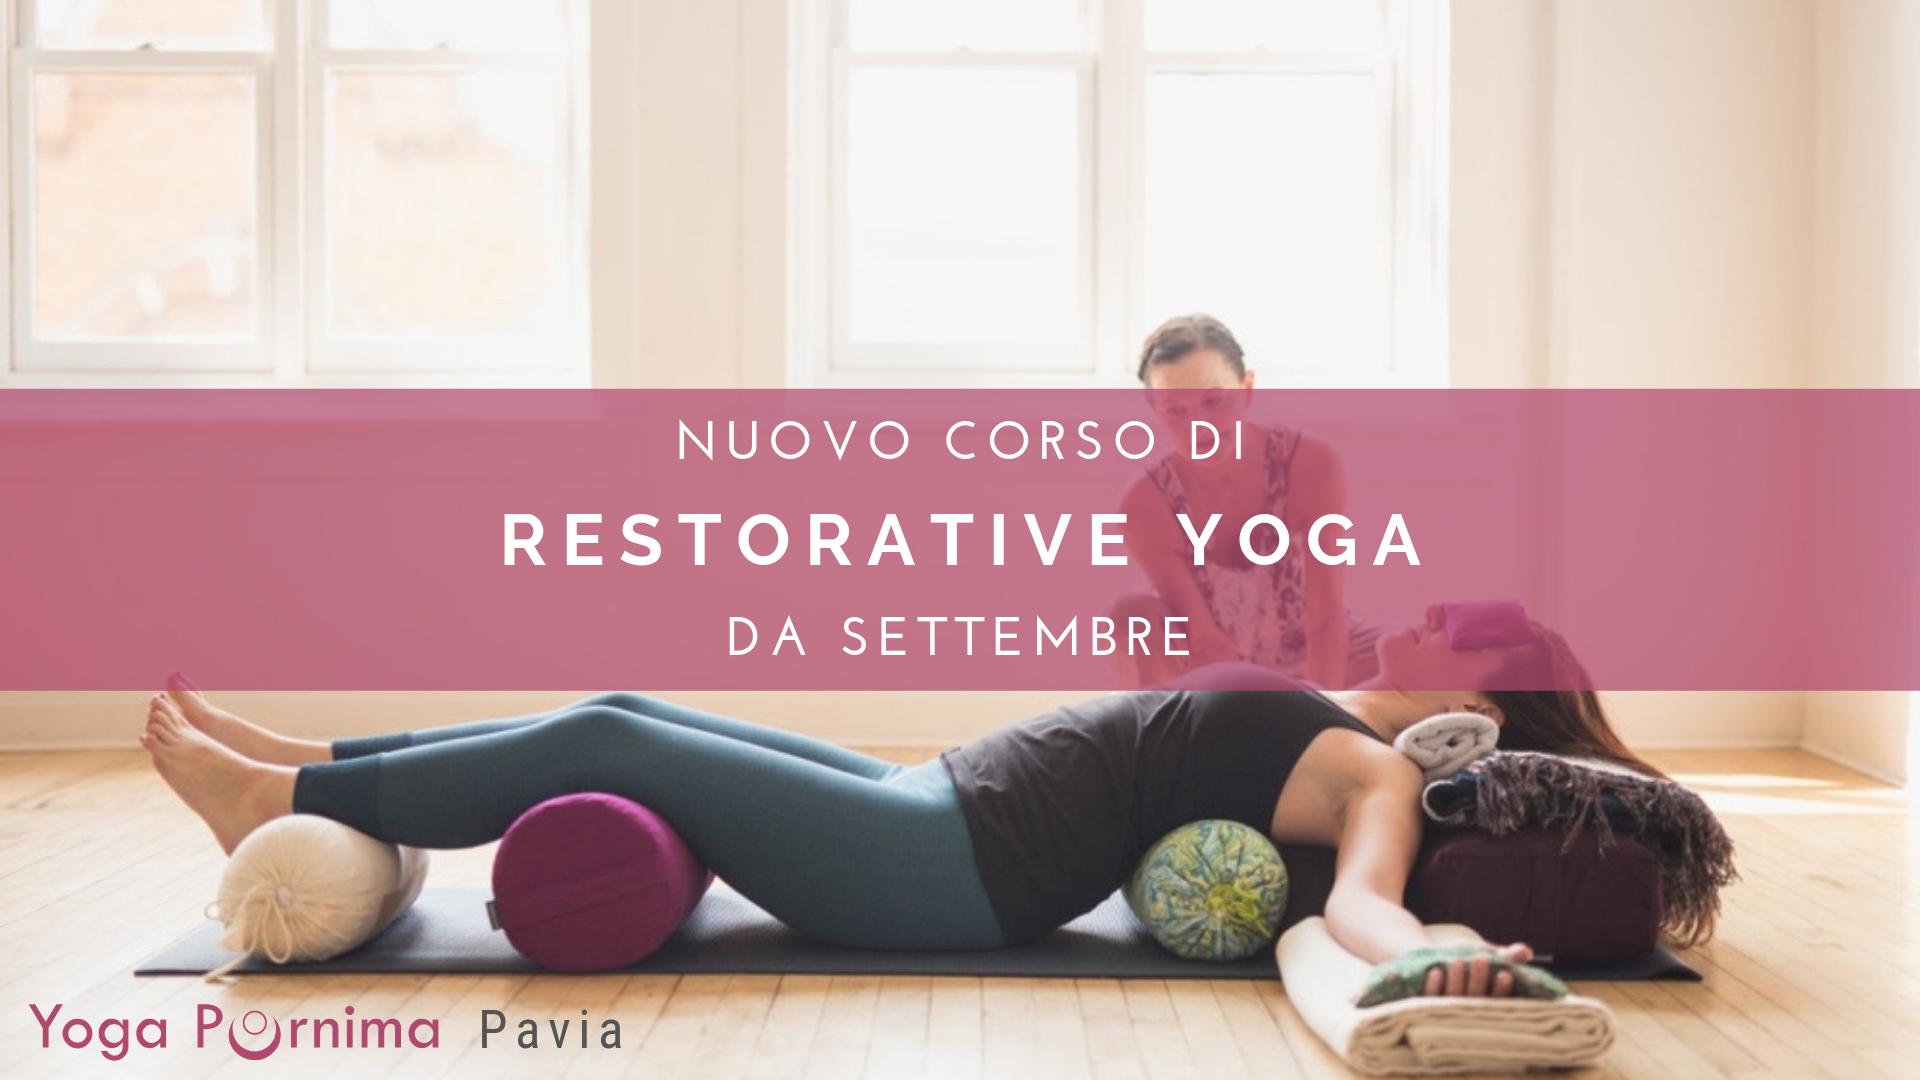 Nuovo corso di Restorative Yoga